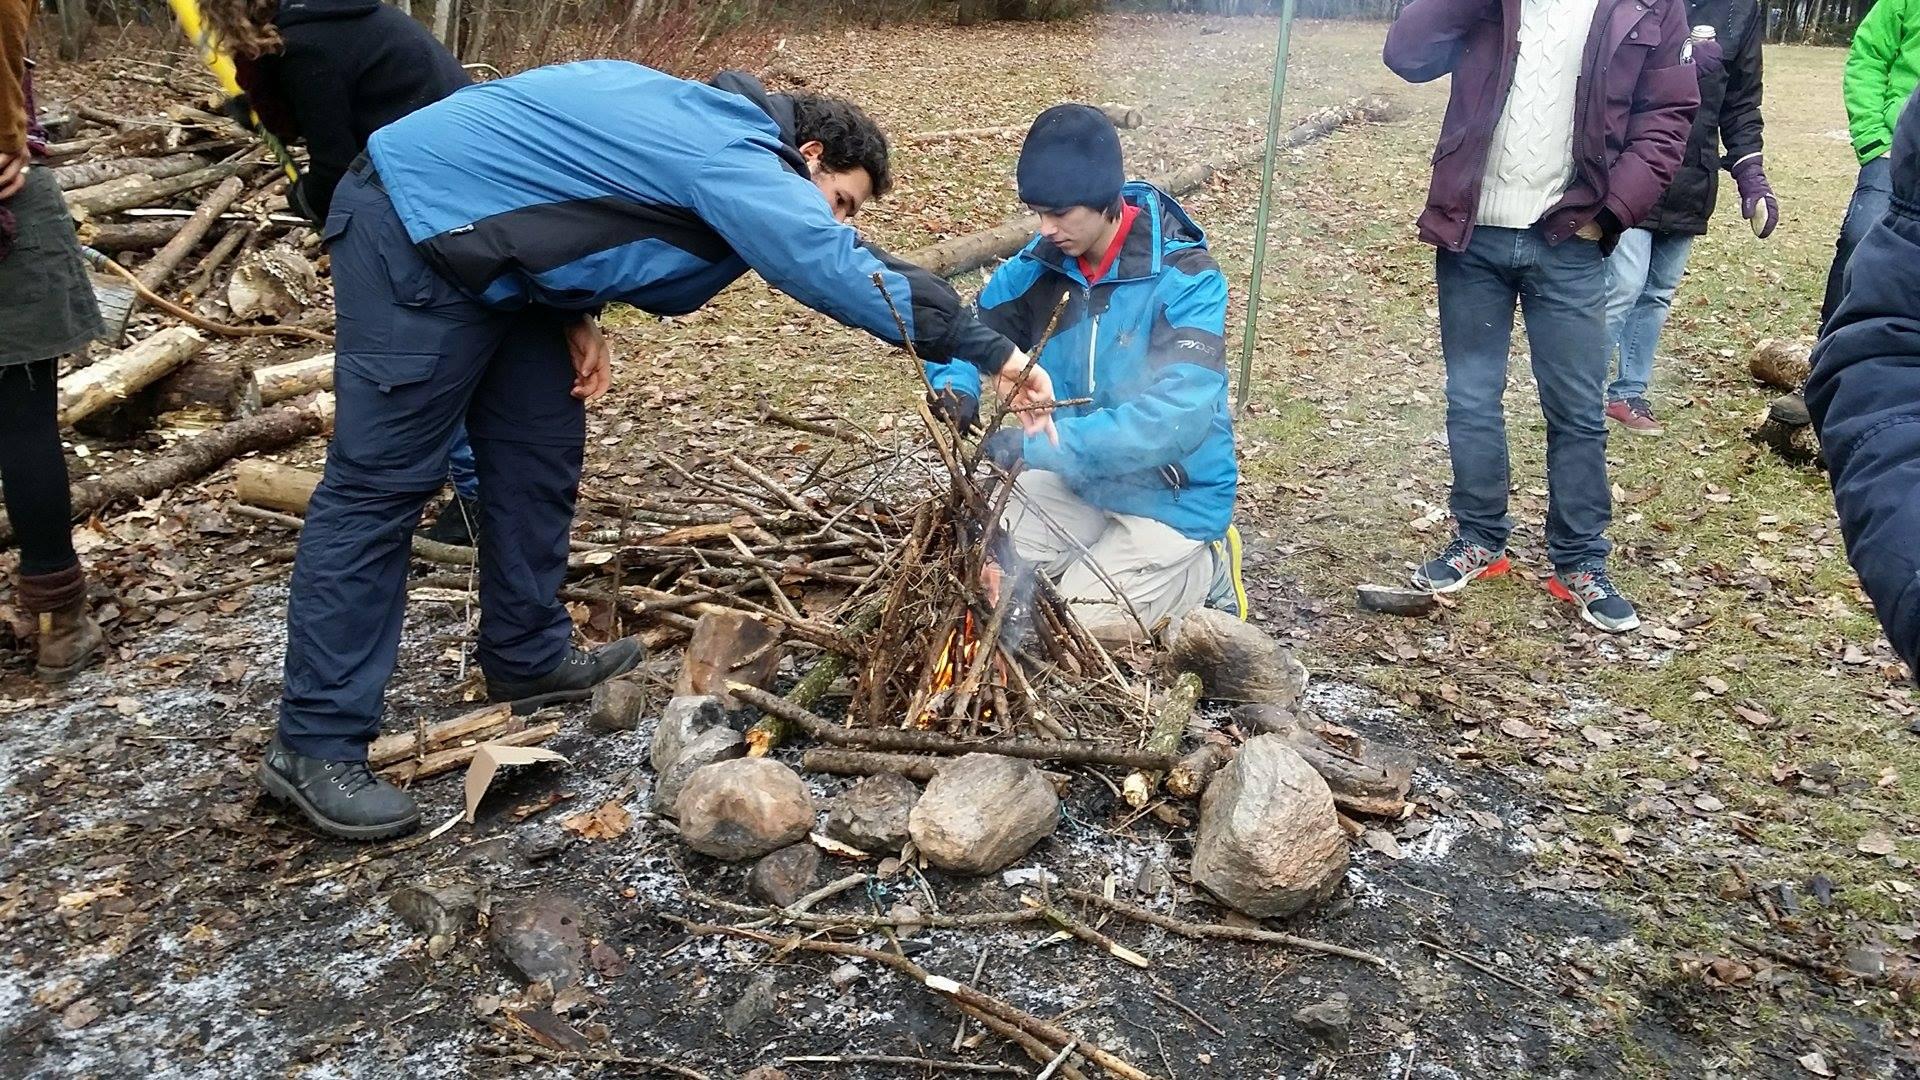 Les étudiants préparant le feu pour la veillée du soir lors de l'activité «chalet nature», organisée par l'UQT'Air au domaine Scout St-Louis-De-France, le 28 novembre 2015. Photo: Gregory Puaud